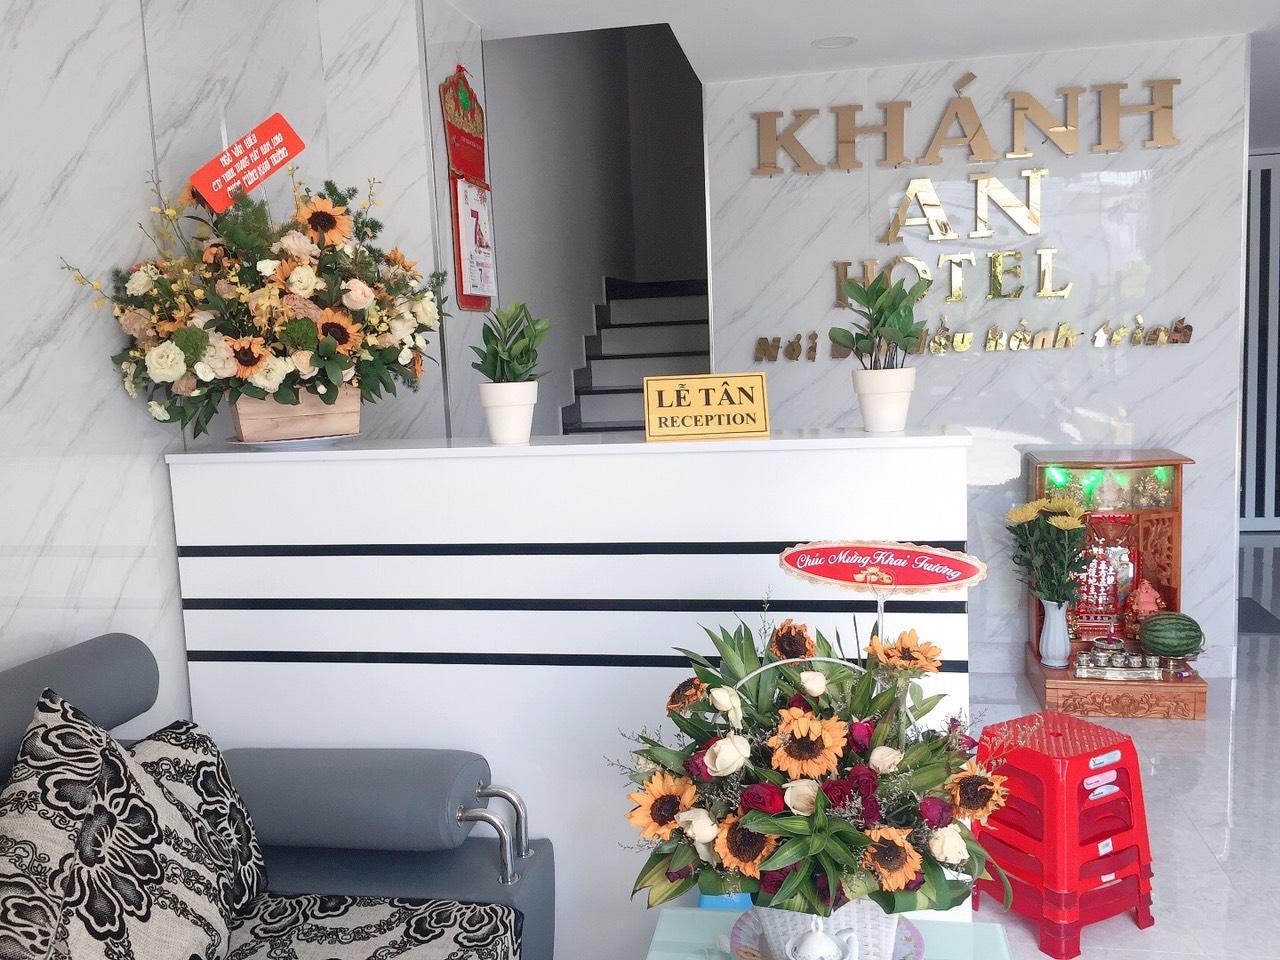 Khanh An Hotel